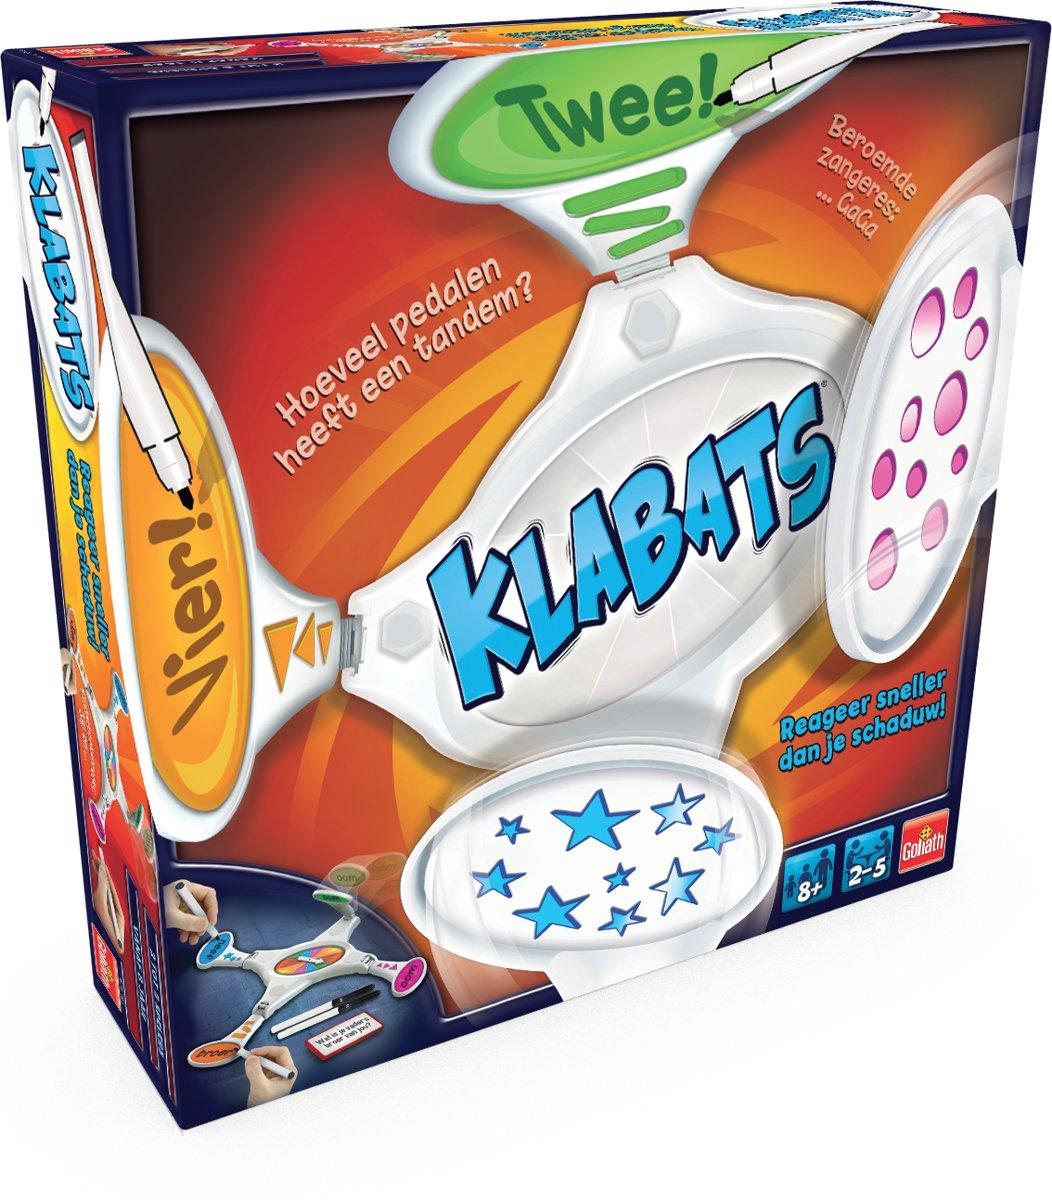 Klabats - Spel voor €9,98